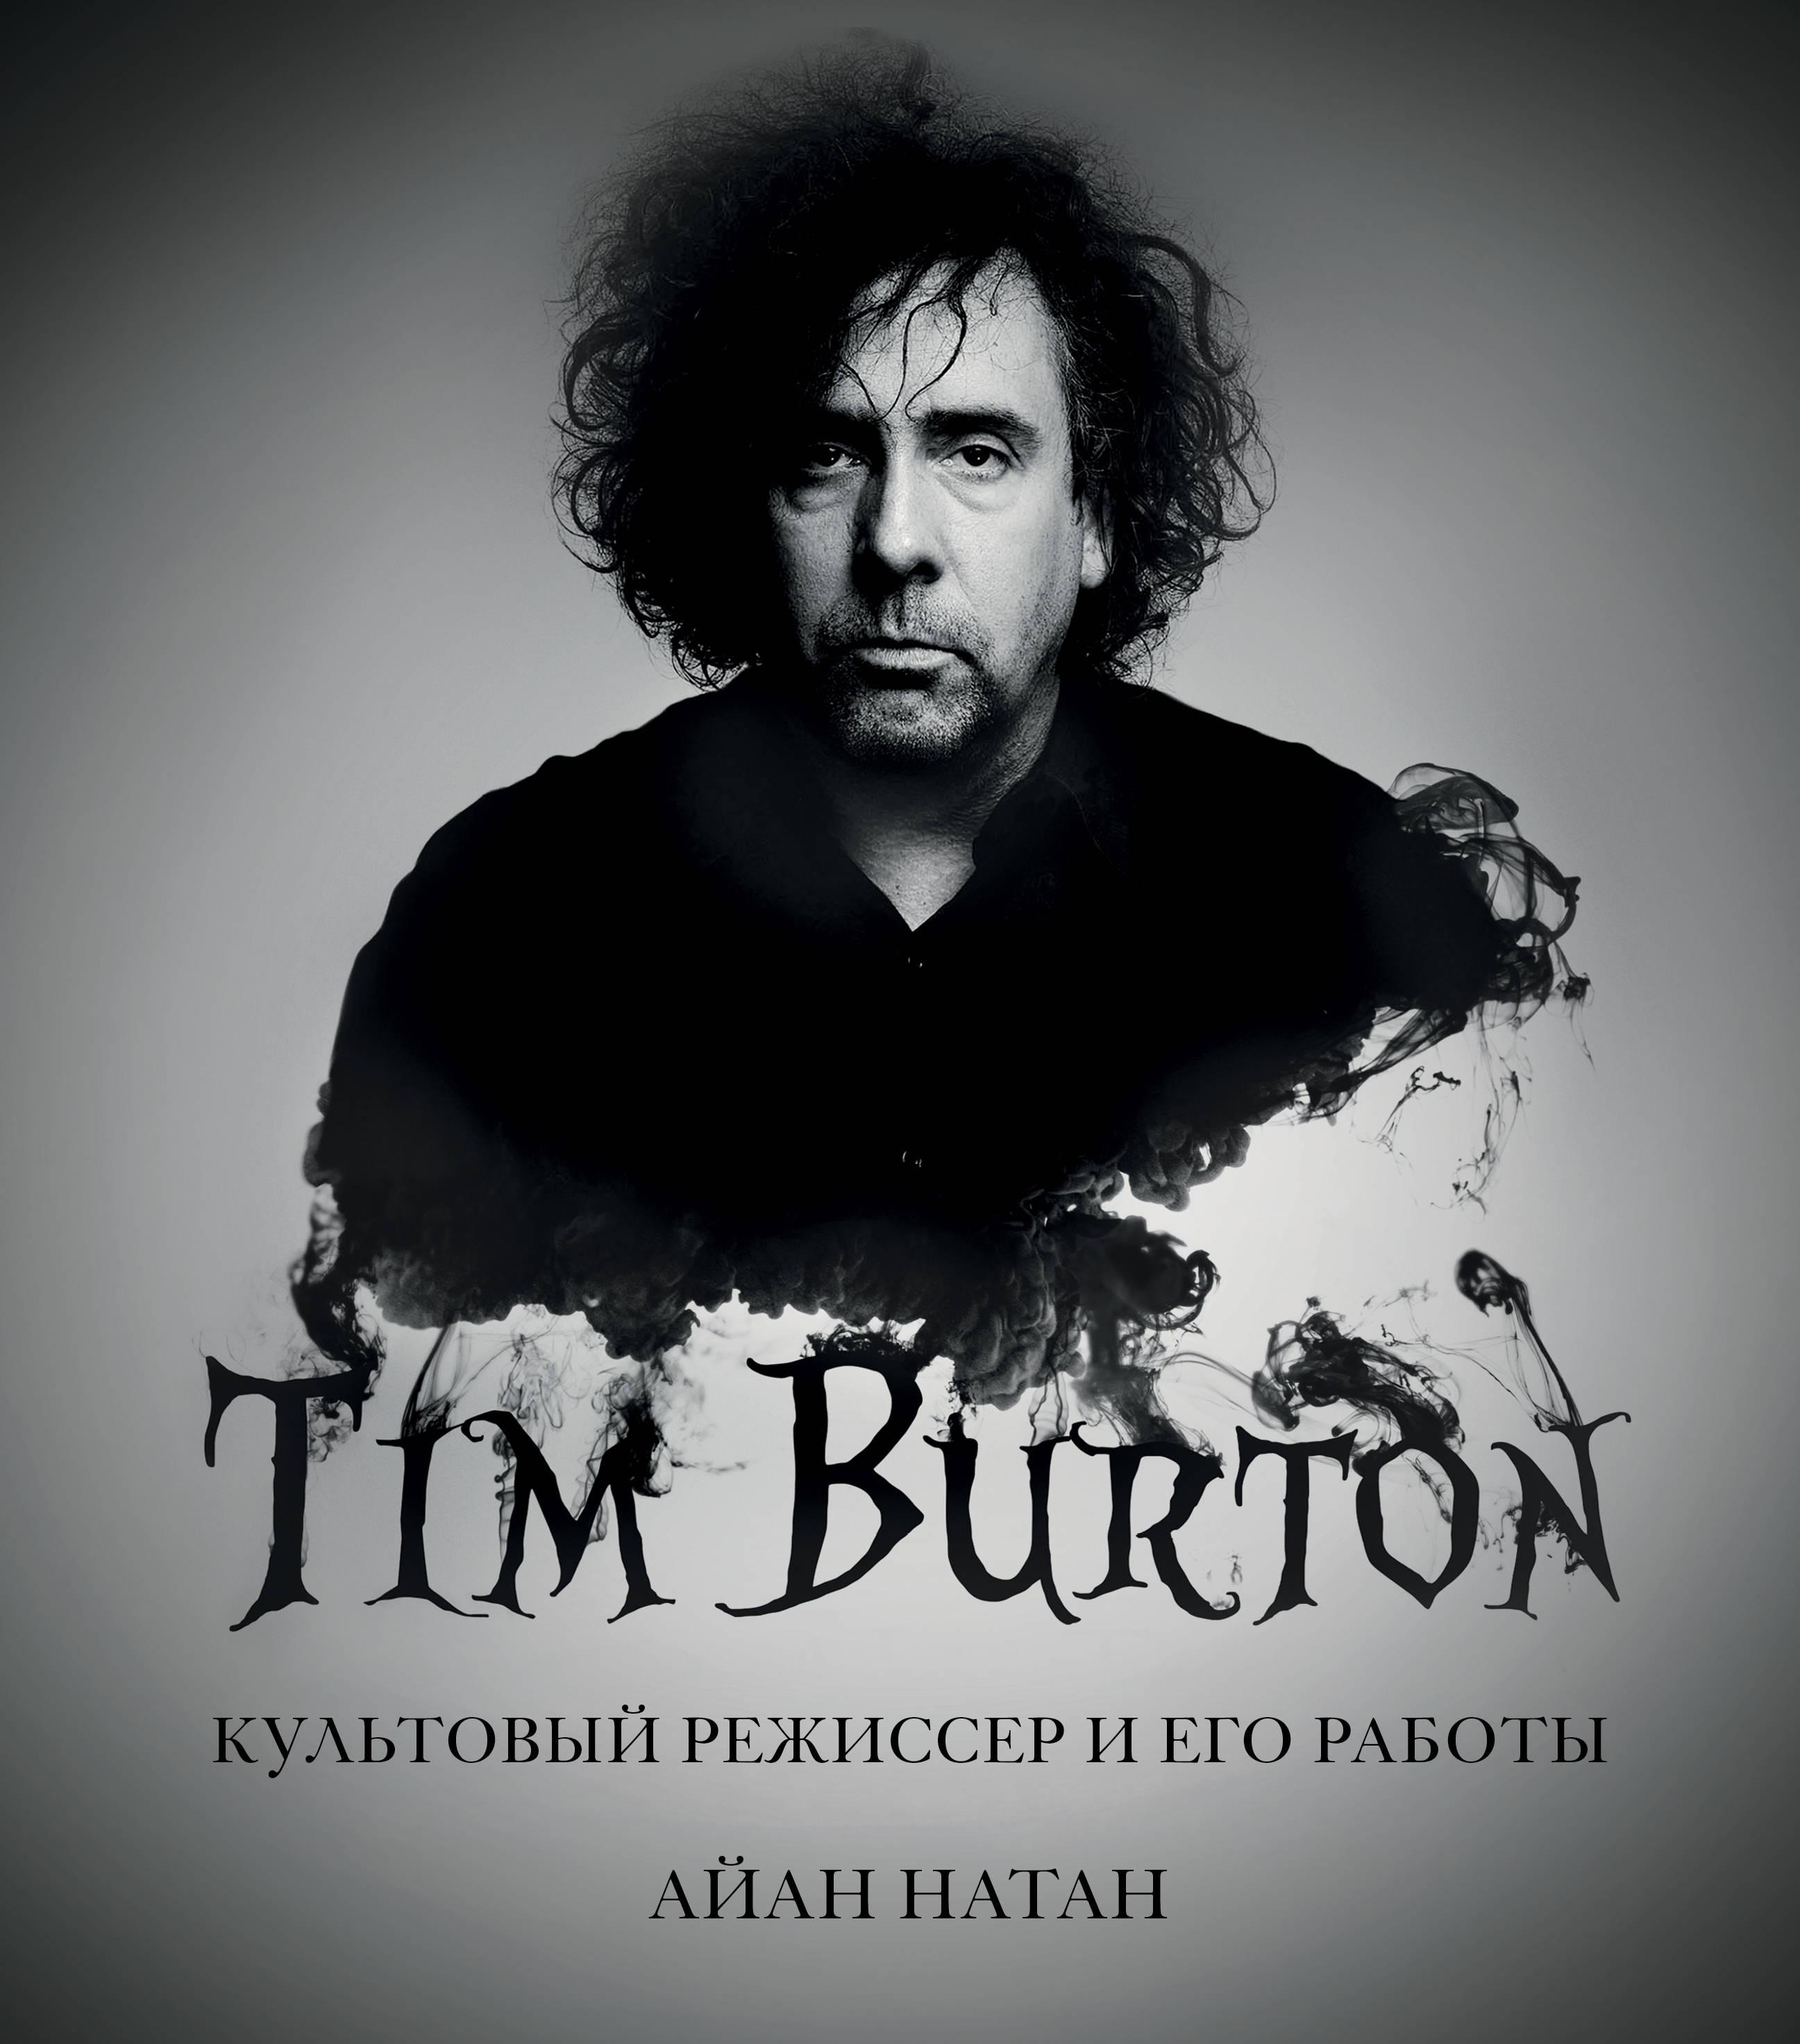 Tim Bjorton. Kultovyj rezhisser i ego raboty (dopolnennoe izdanie)